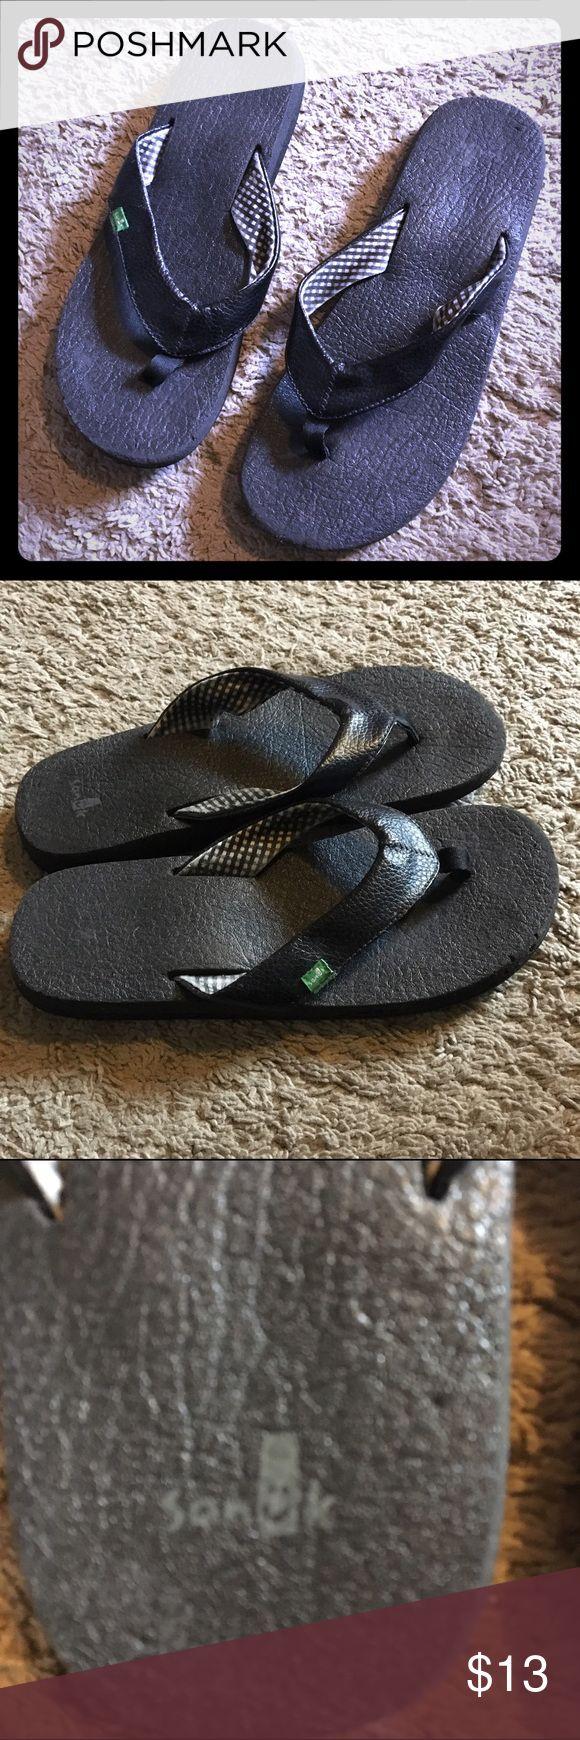 Sanuk flip flops size 8.5 Sanuk flip flops size 8.5 Sanuk Shoes Sandals